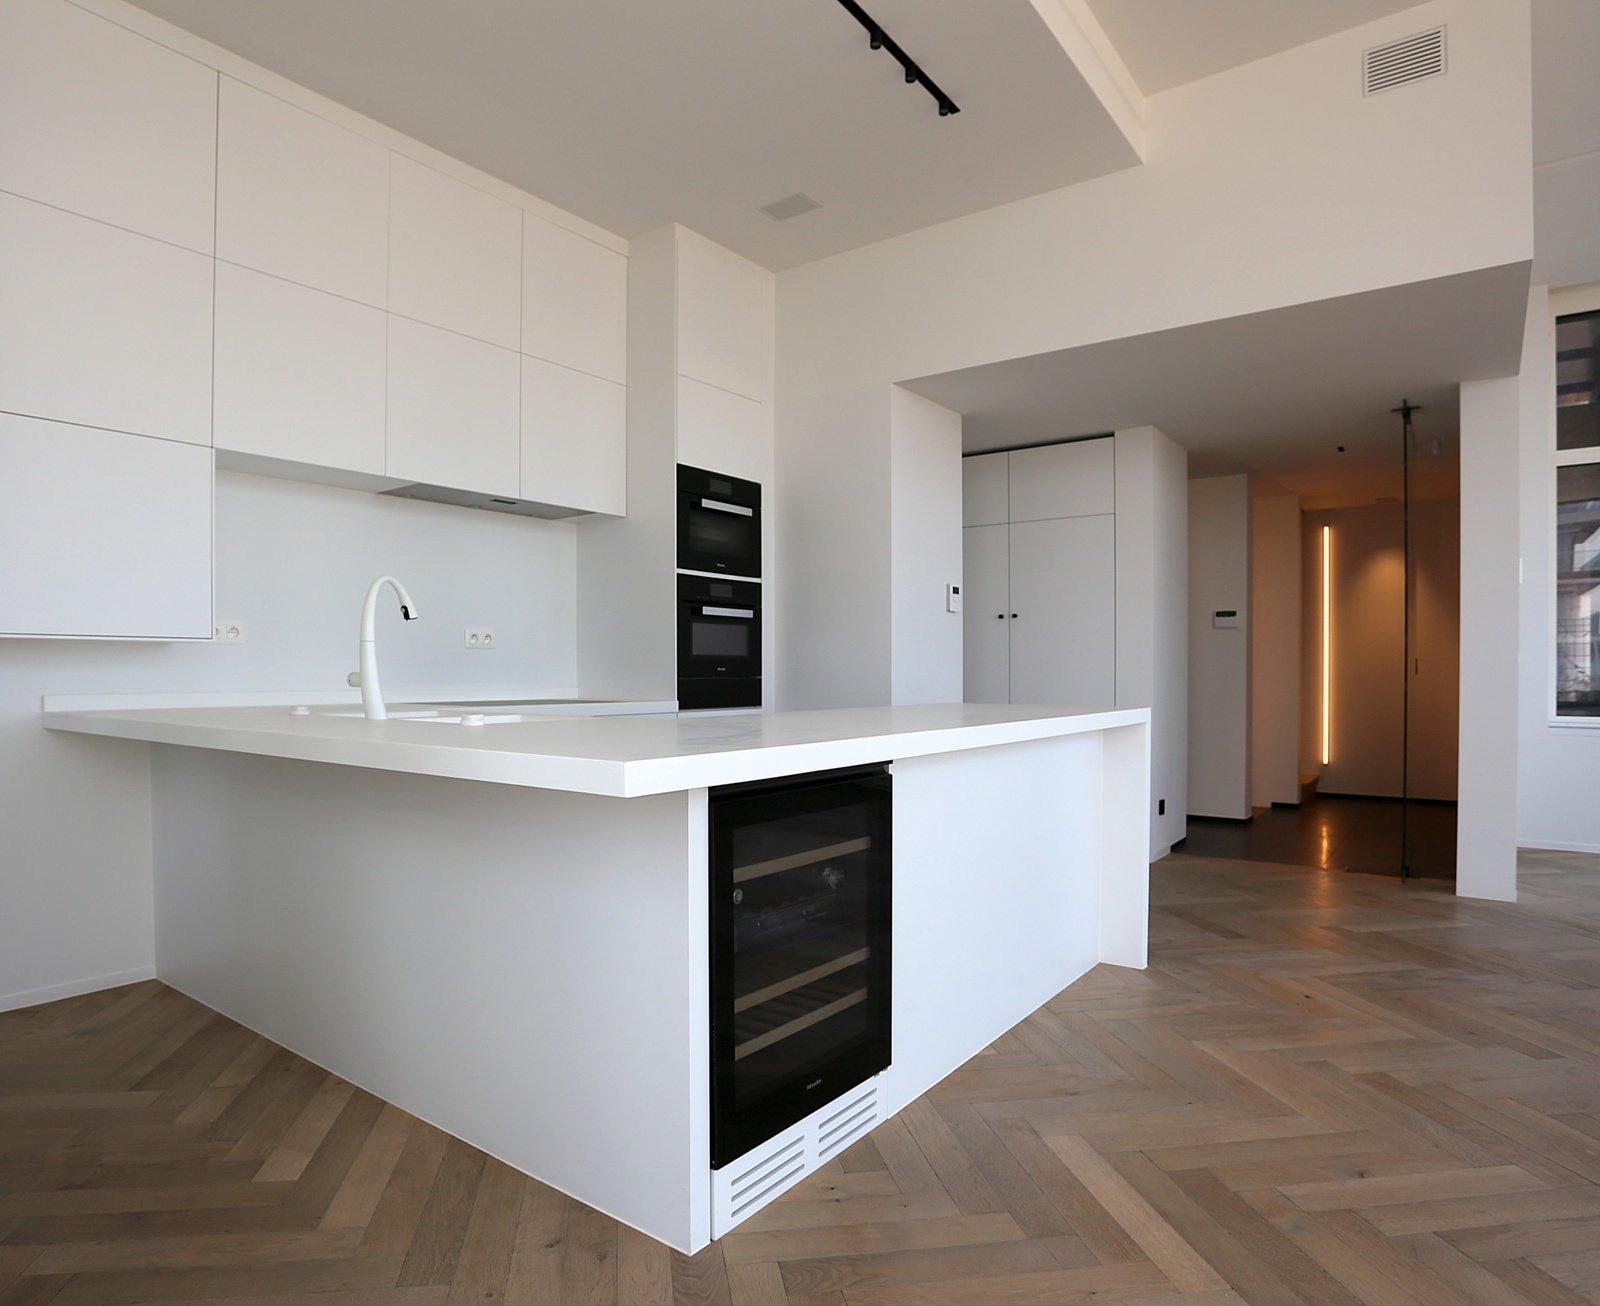 Appartement De Guytenaere - Knokke Heist